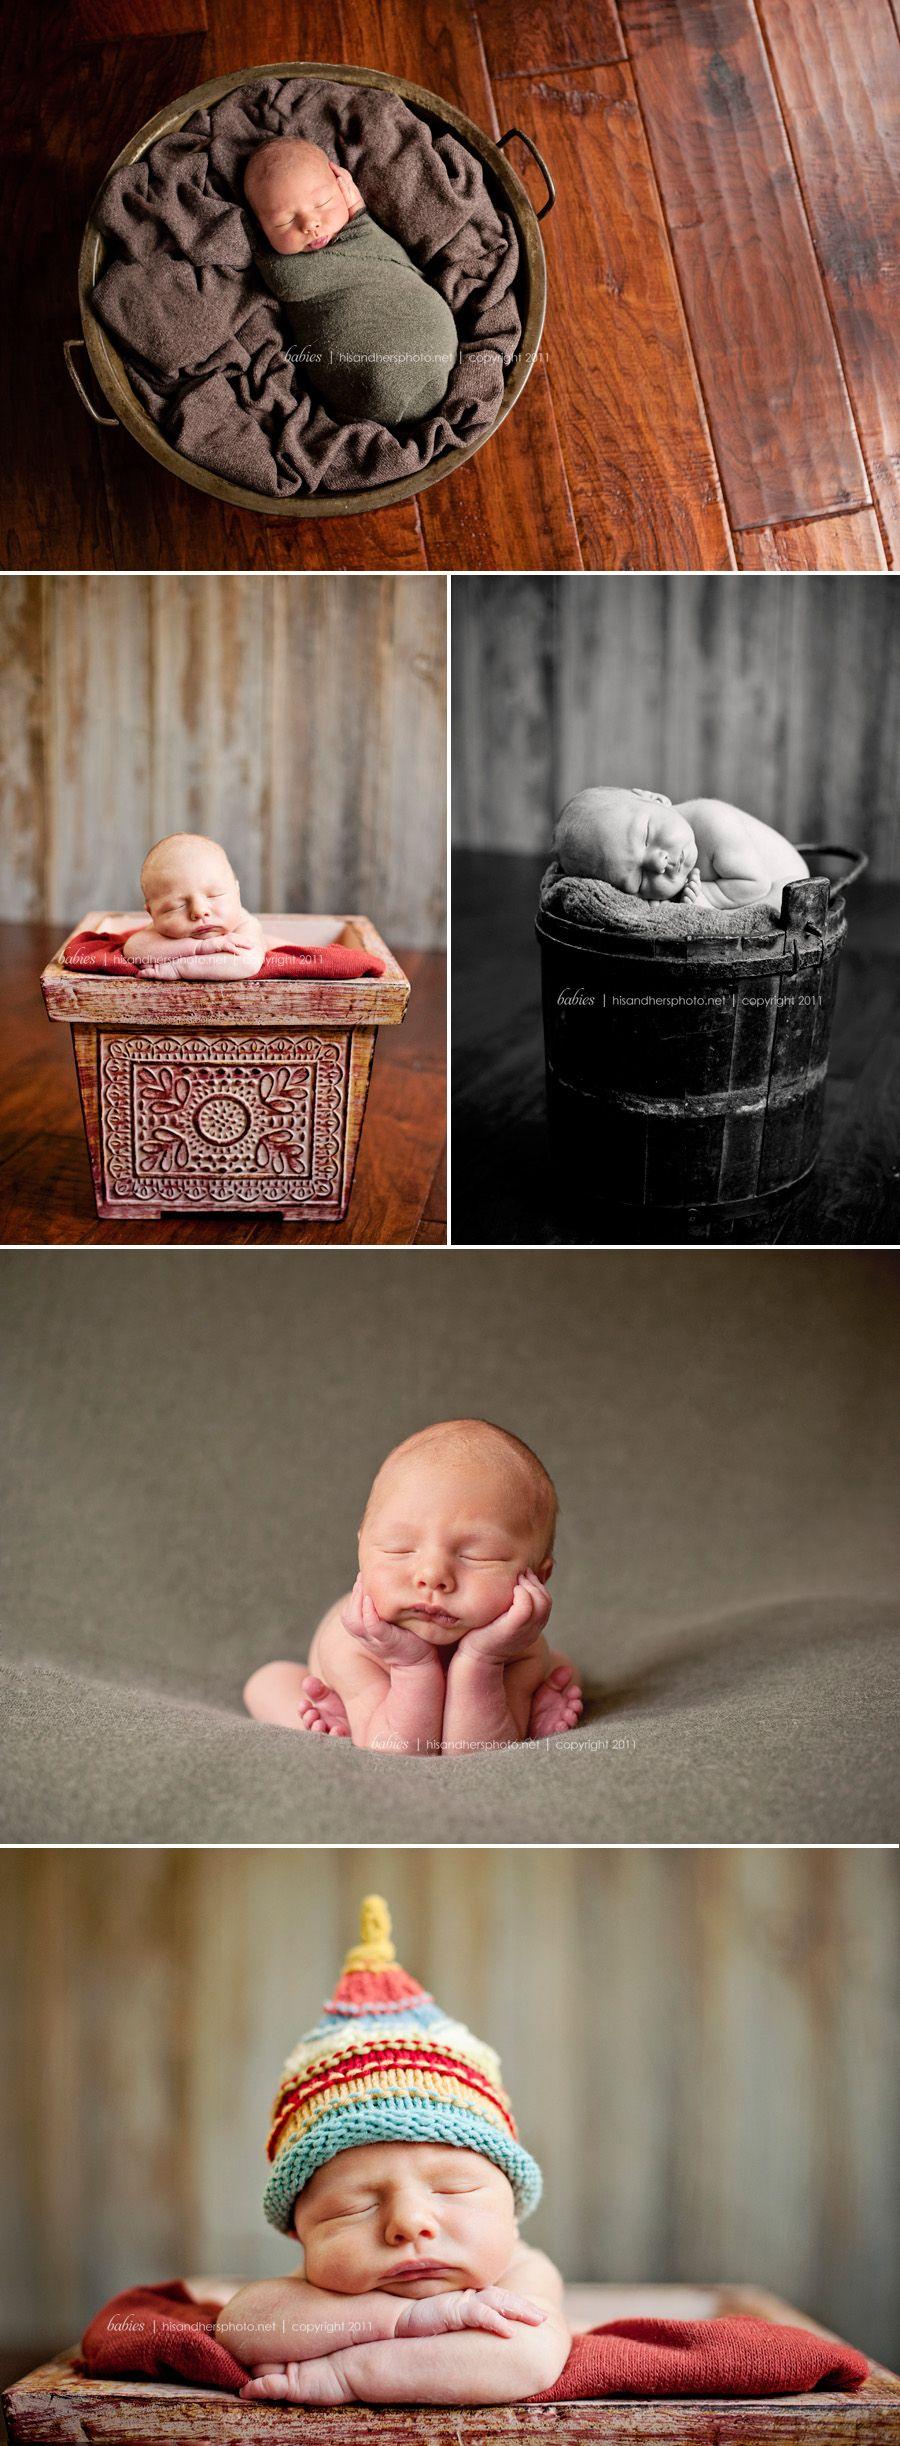 Tate, 7 days old | Des Moines, Iowa Newborn Photographer